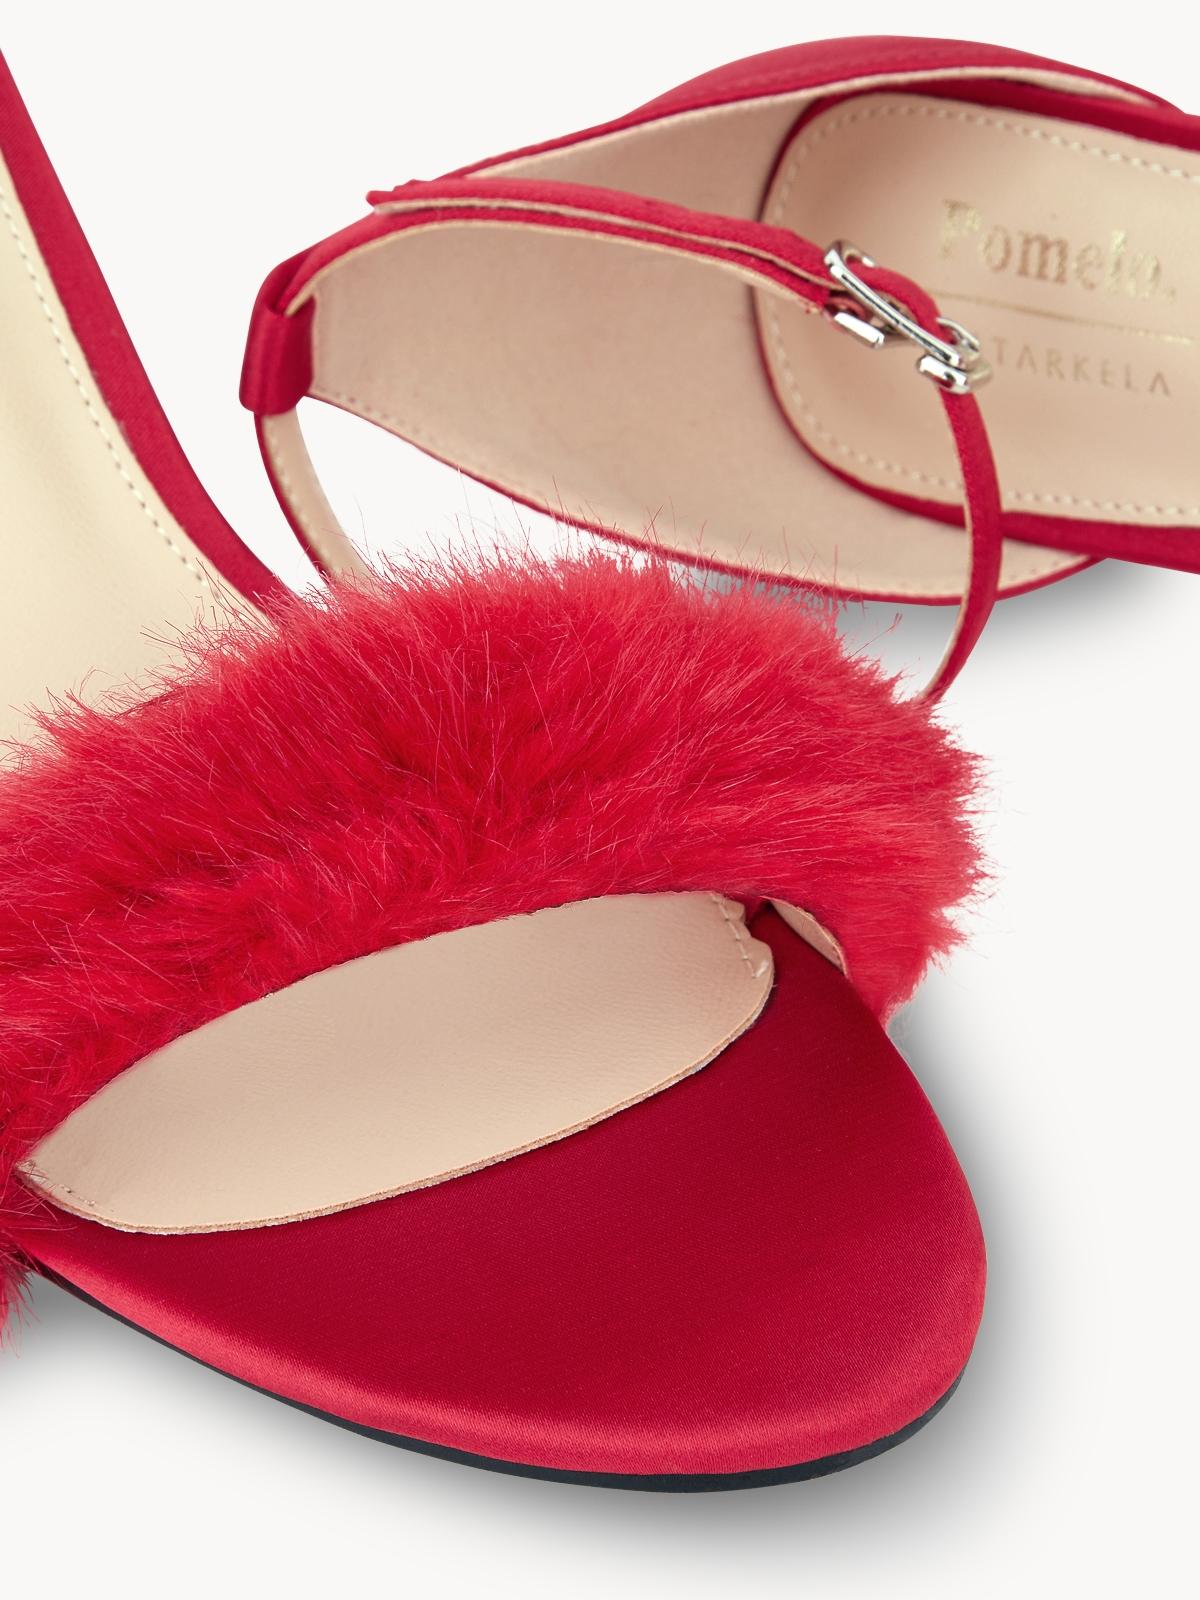 Starkela Faux Fur Strap Heels Red